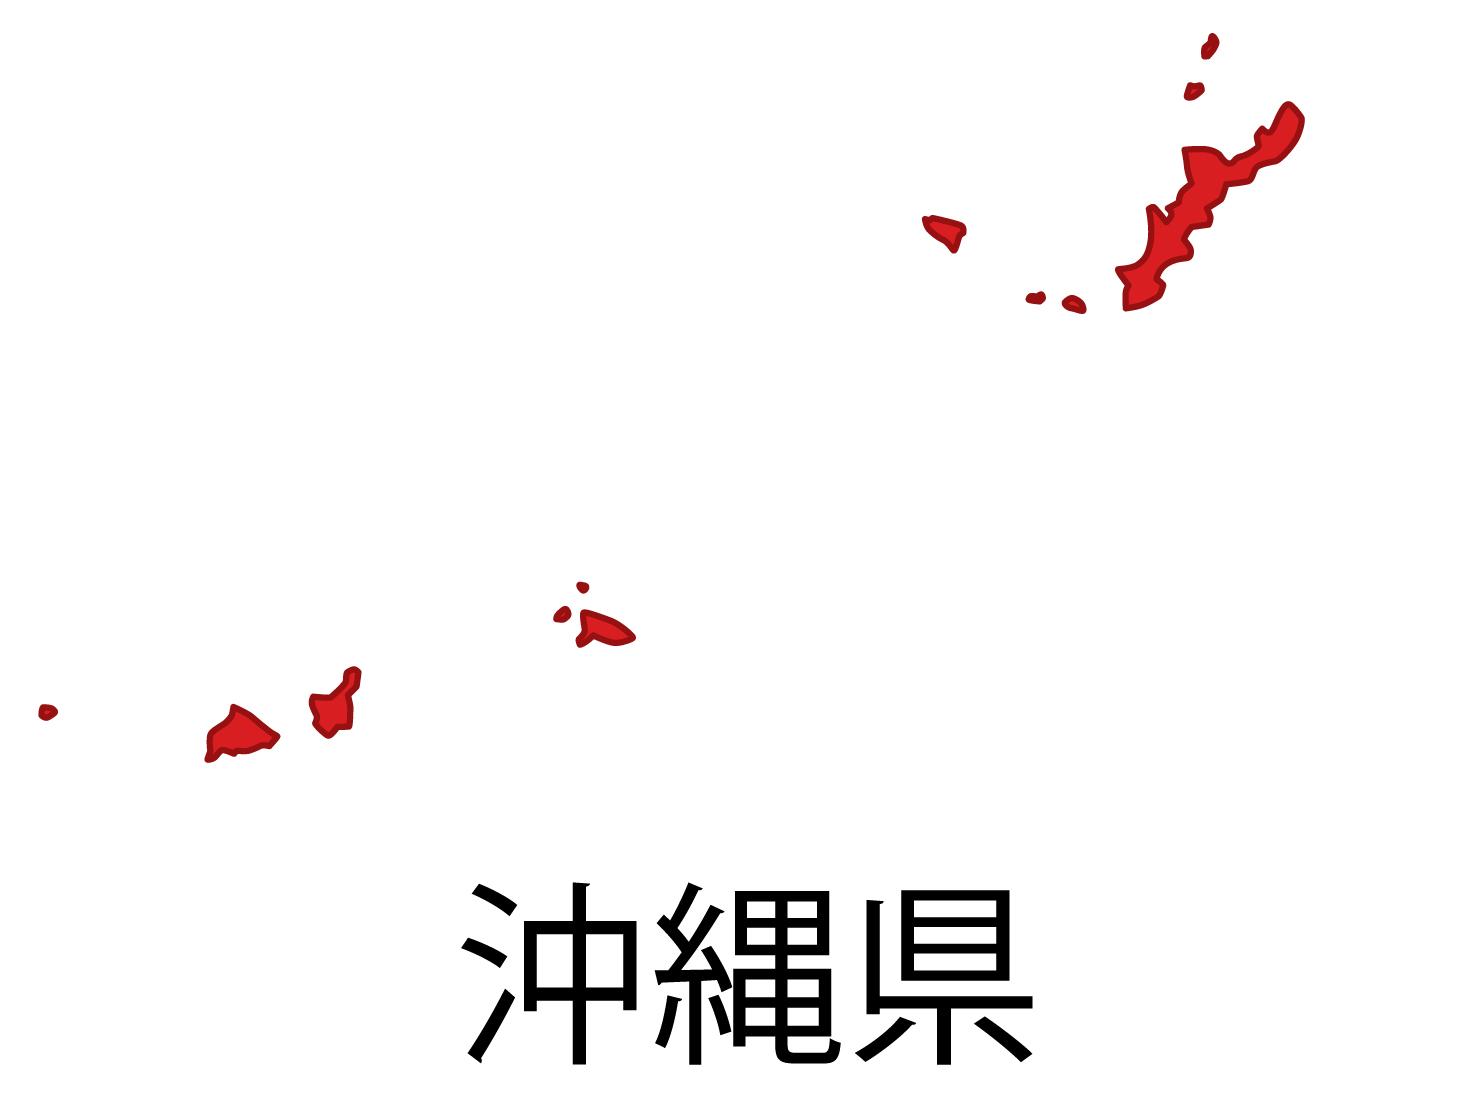 沖縄県無料フリーイラスト|日本語・都道府県名あり(赤)